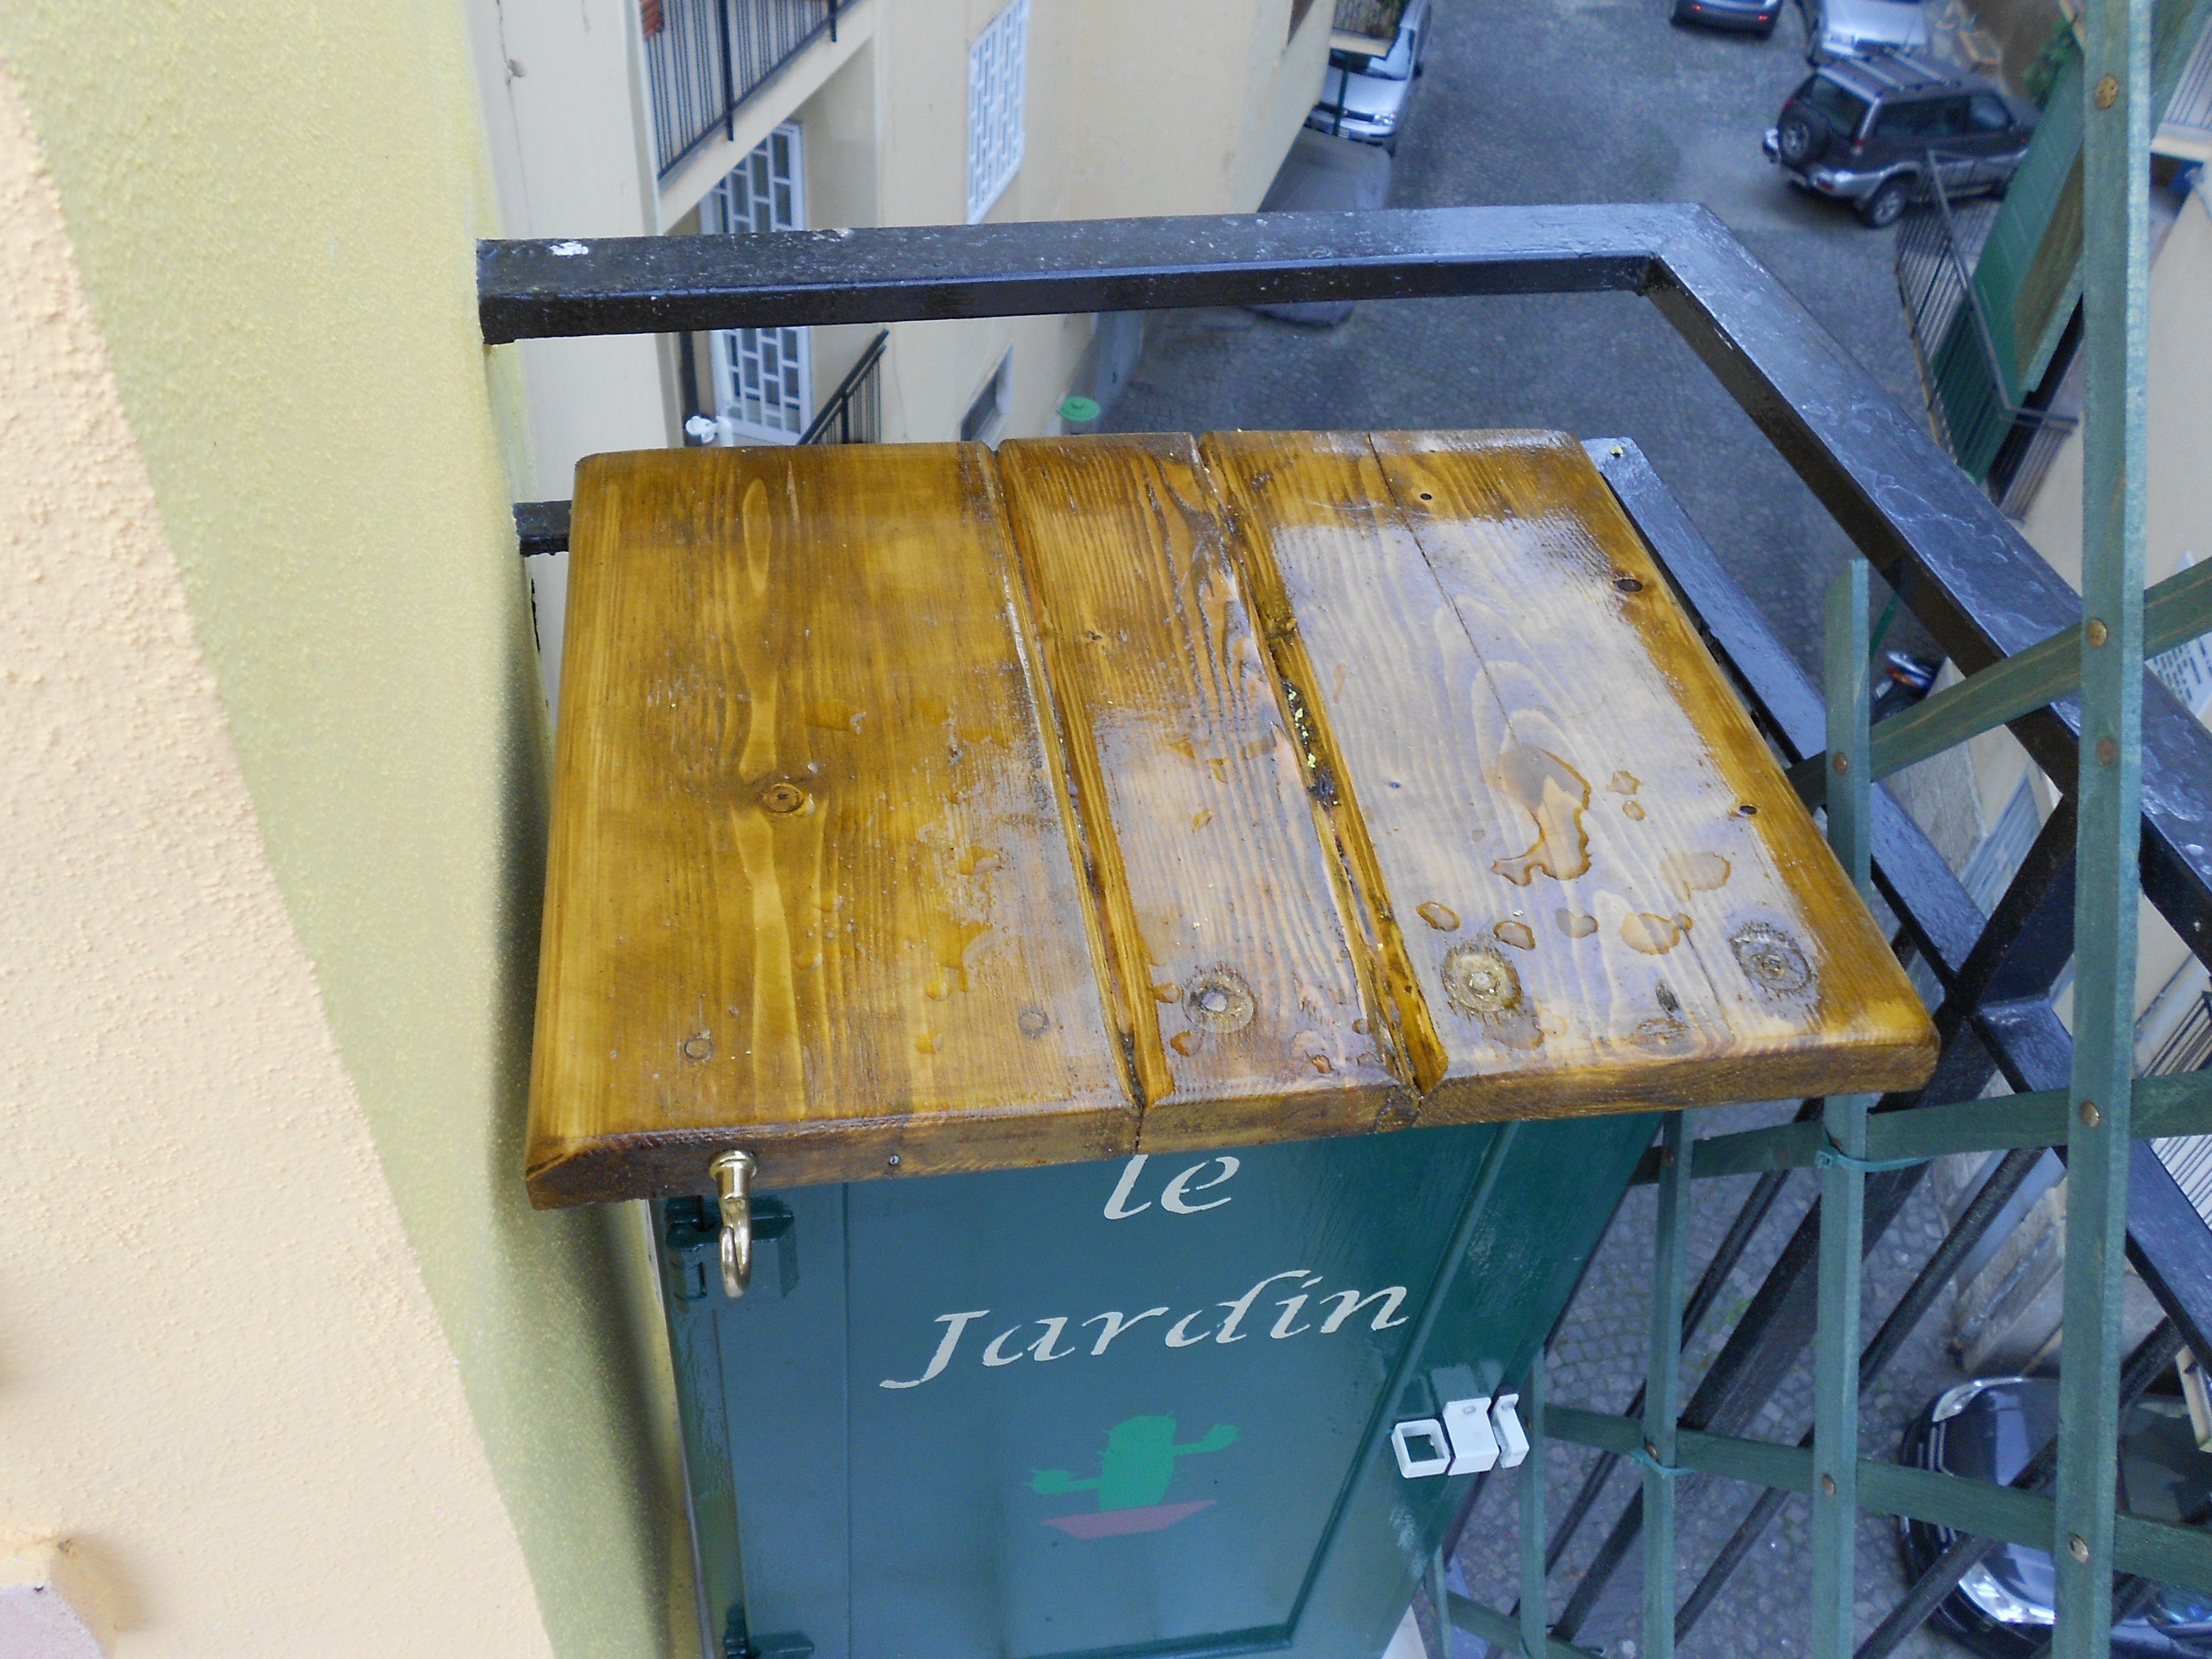 Vecchio Mobiletto Copri Contatore Elettrico In Alluminio Diventa Con